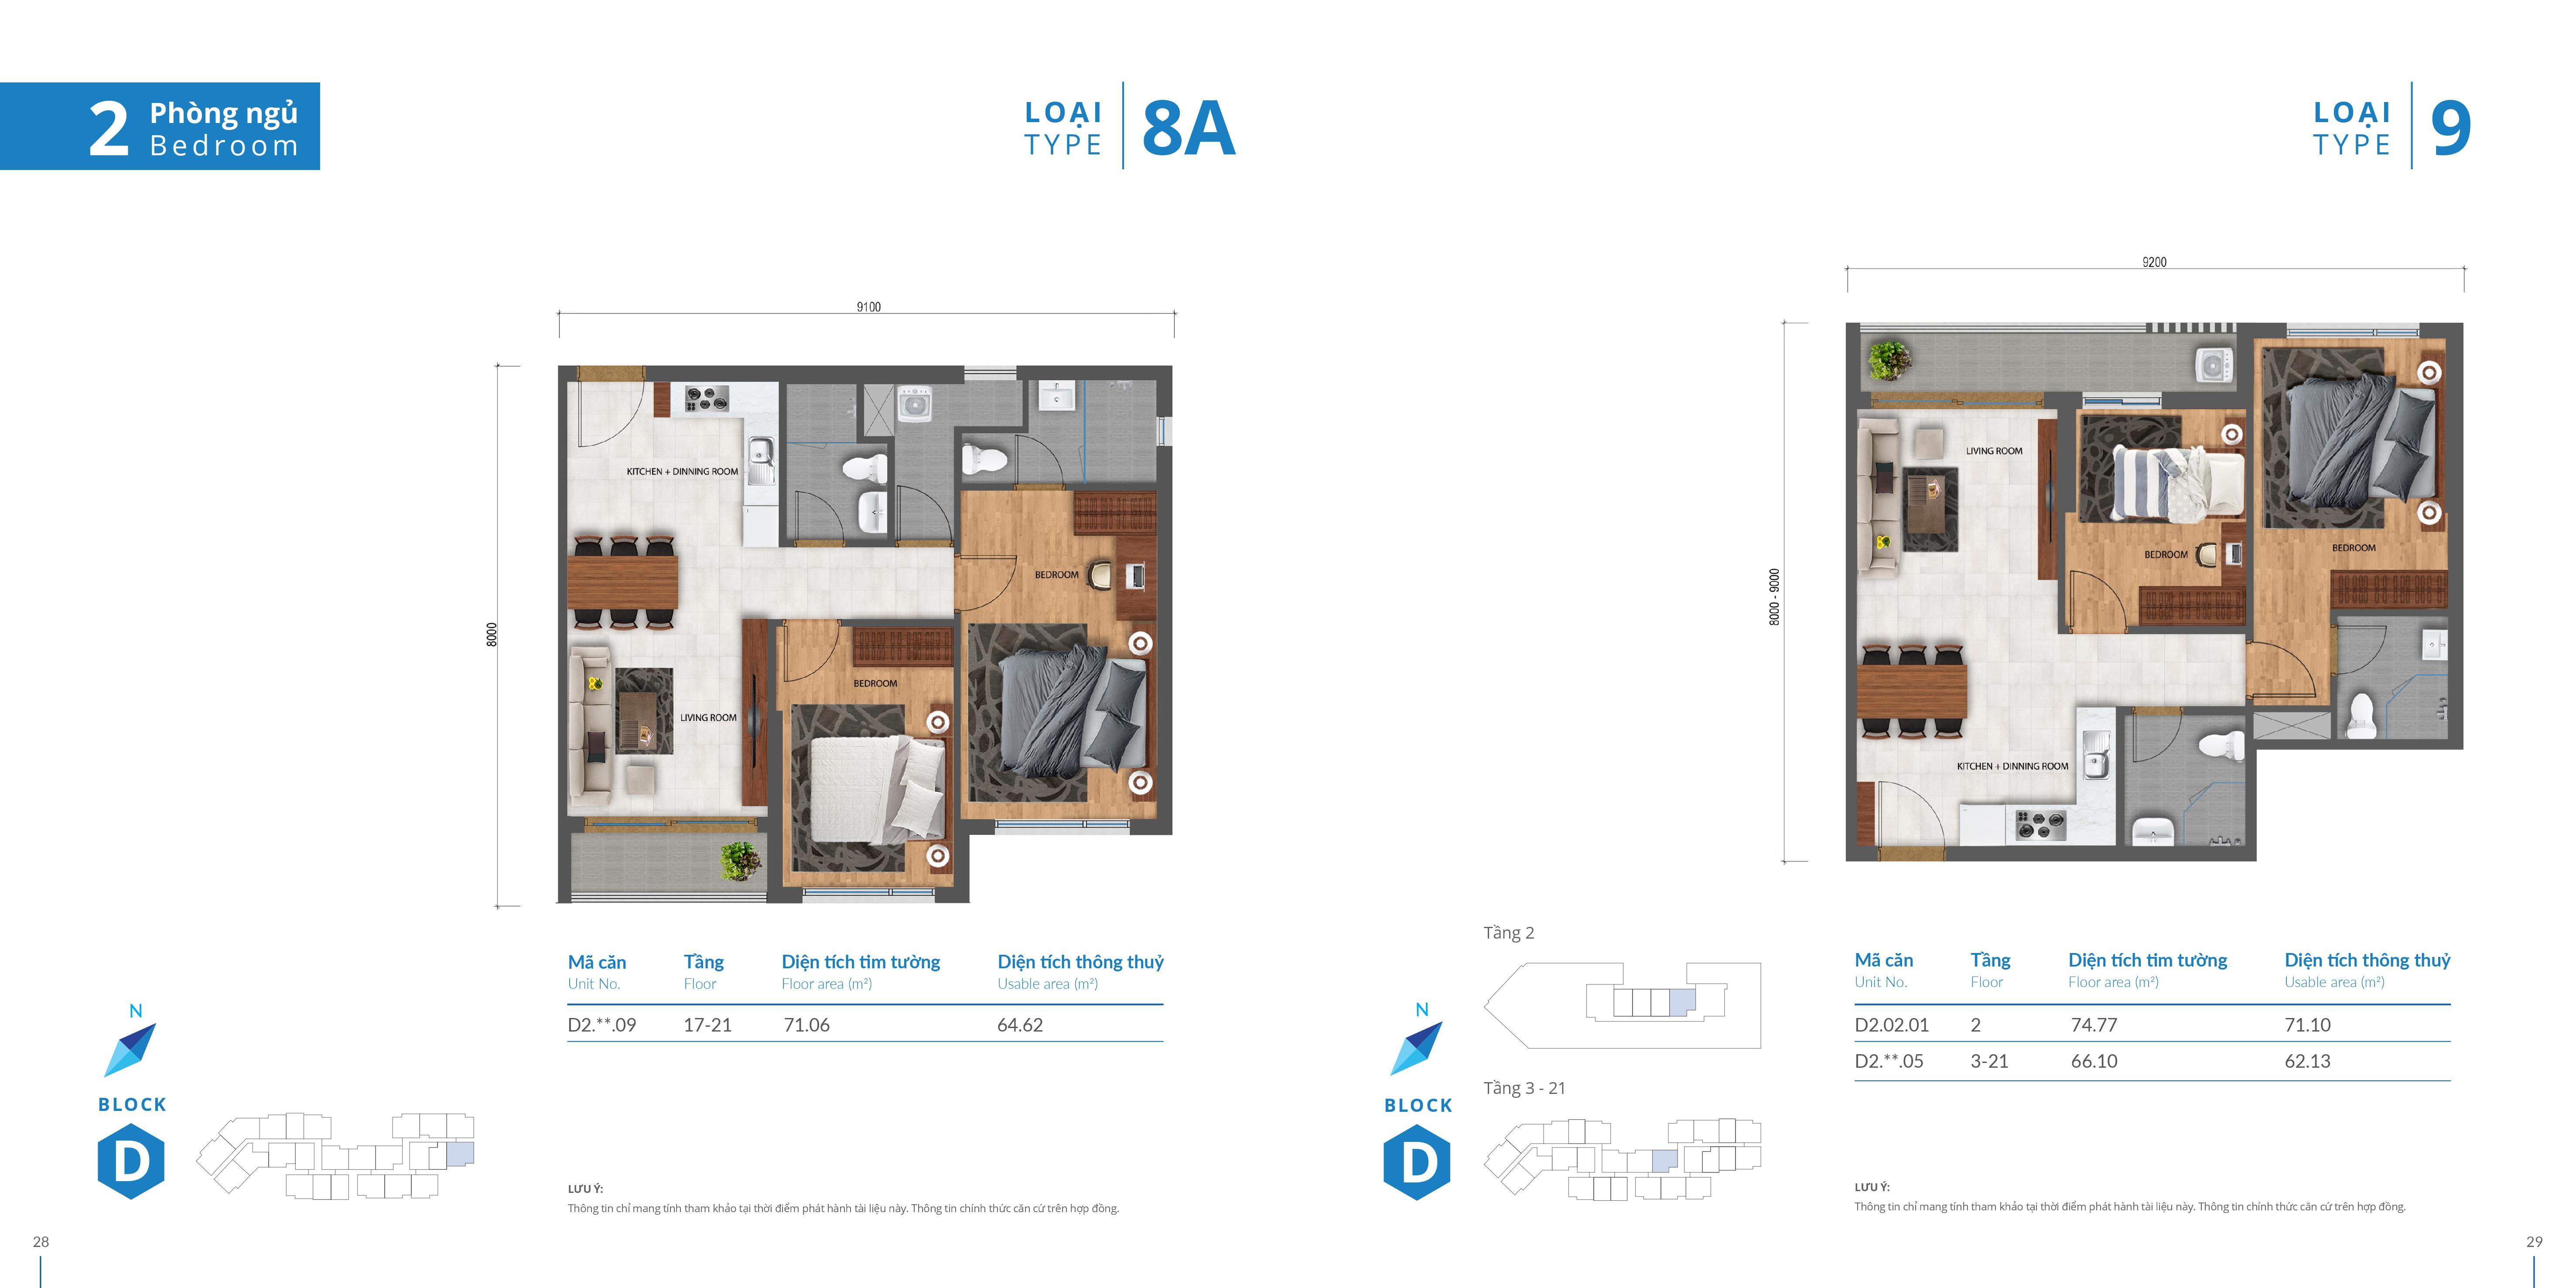 thiết kế căn hộ safira 2 phòng ngủ